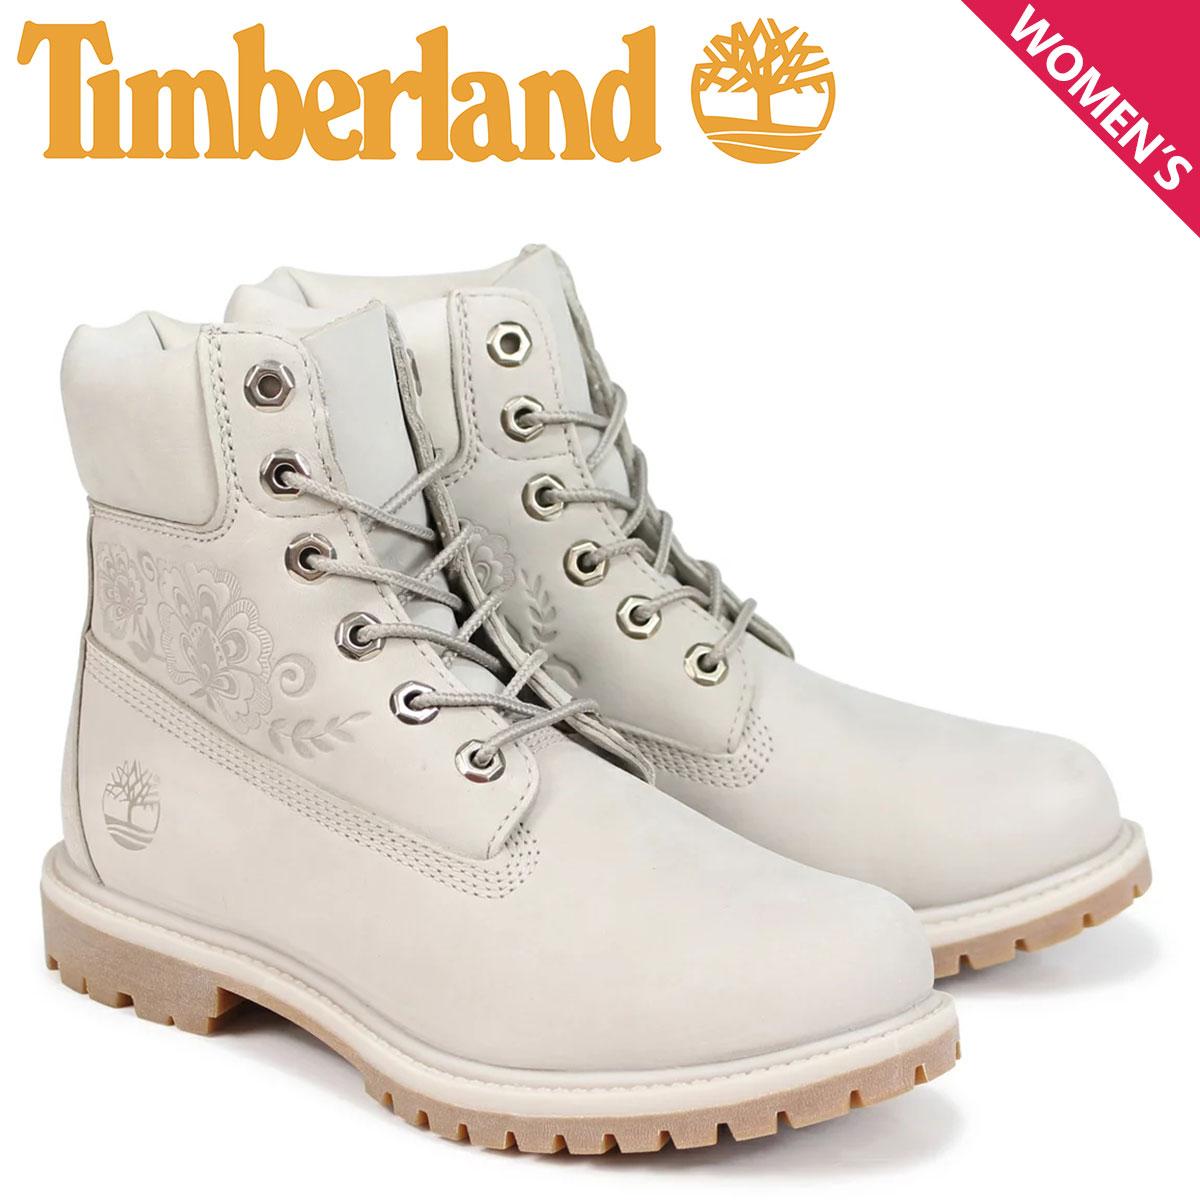 ティンバーランド Timberland ブーツ レディース 6インチ 6-INCH PREMIUM BOOTS A1SXO Wワイズ グレー